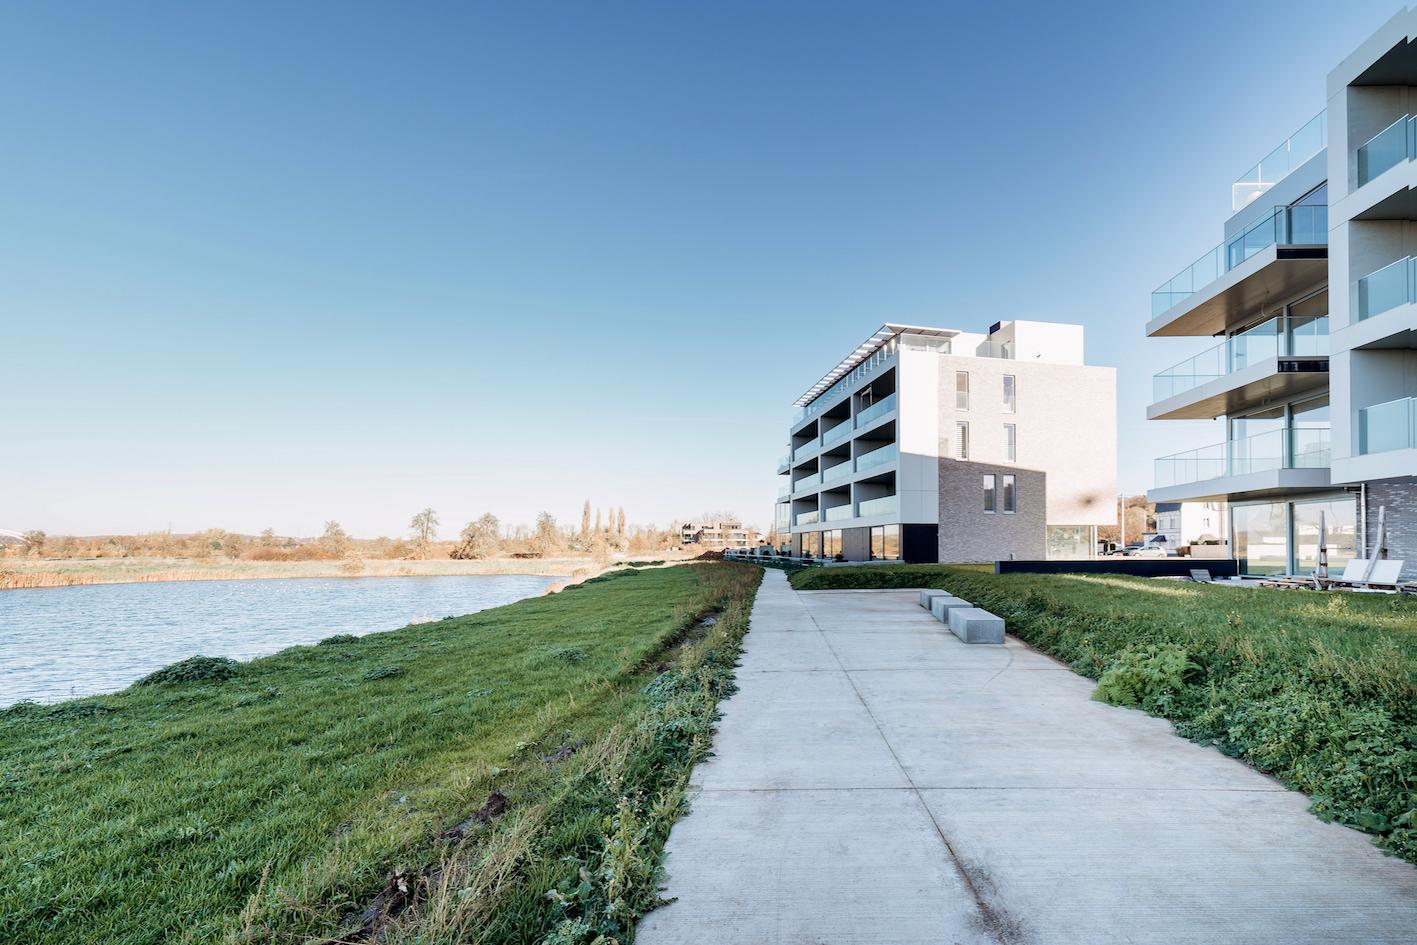 résidence vue meuseview lac